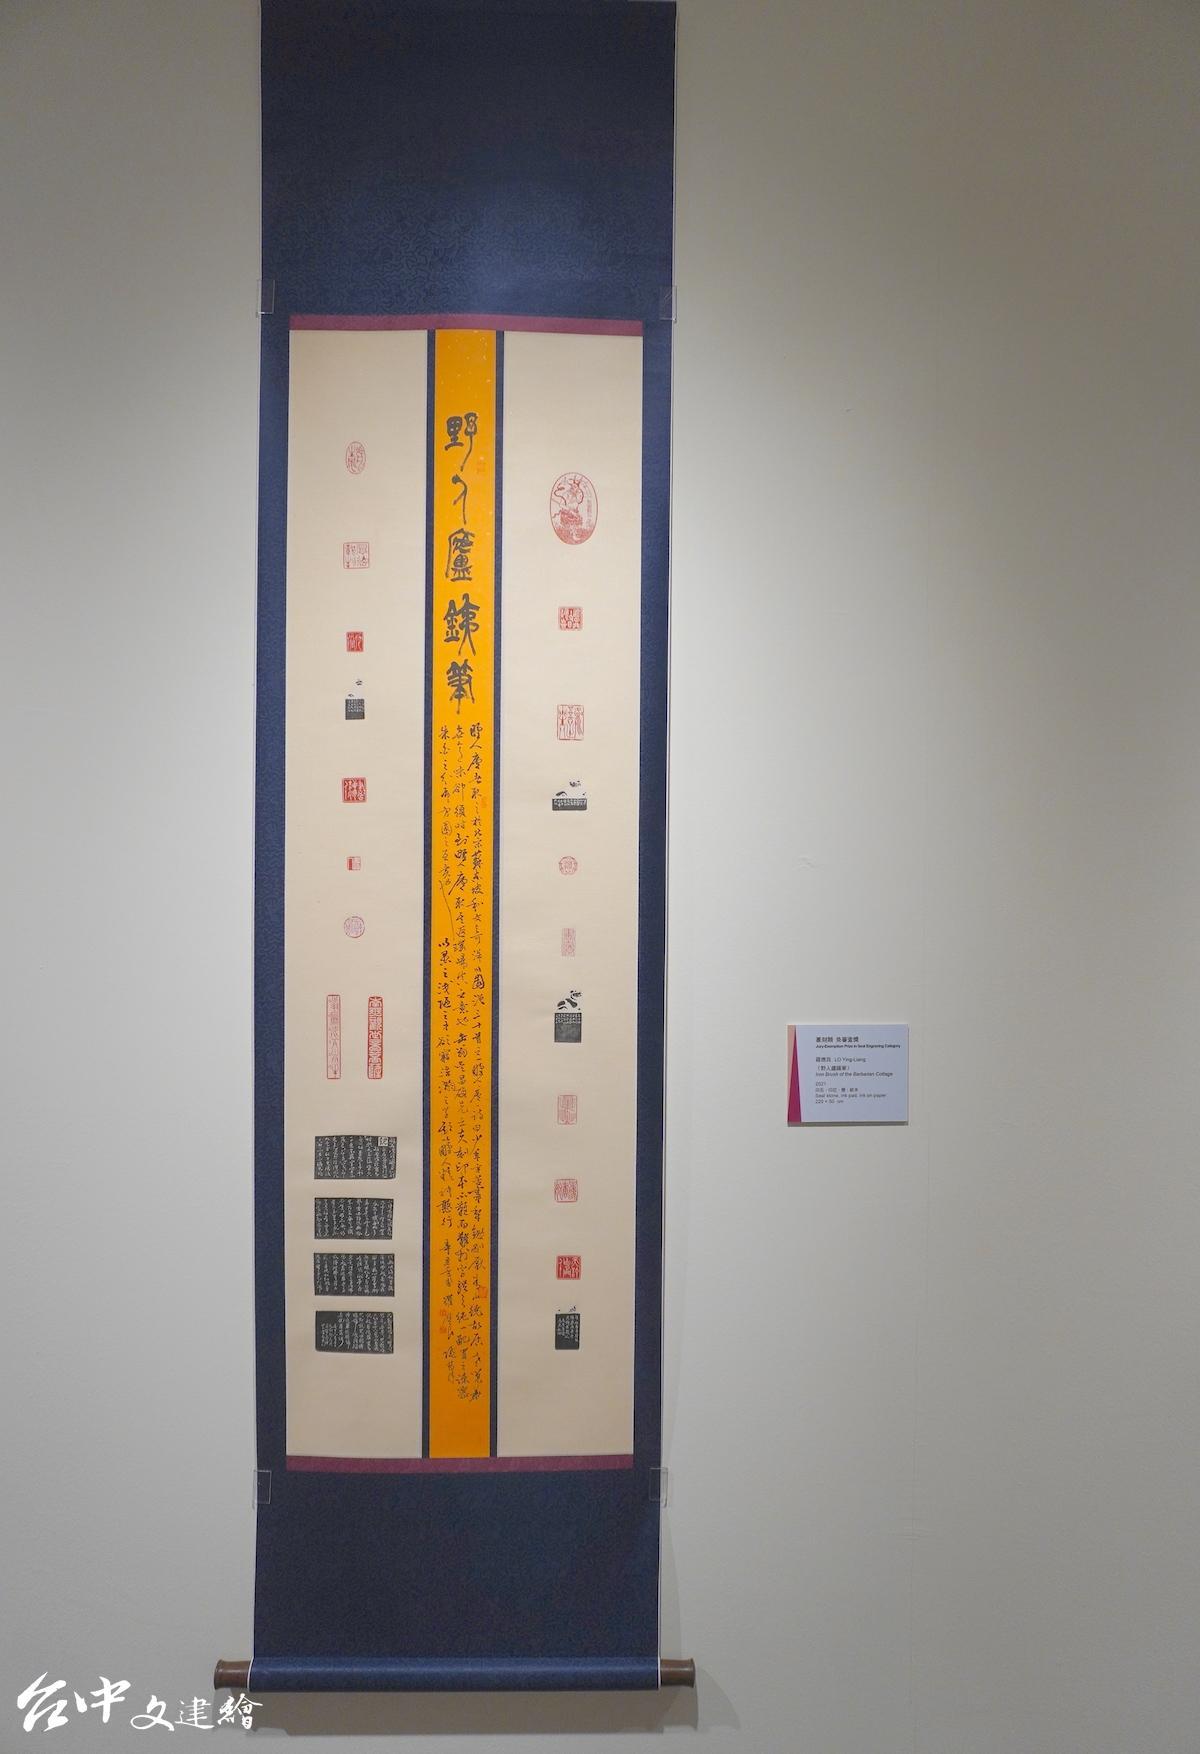 2021 全國美展,篆刻類,免審查者,羅應良「野人廬鐵筆」。(圖:台中文建繪)